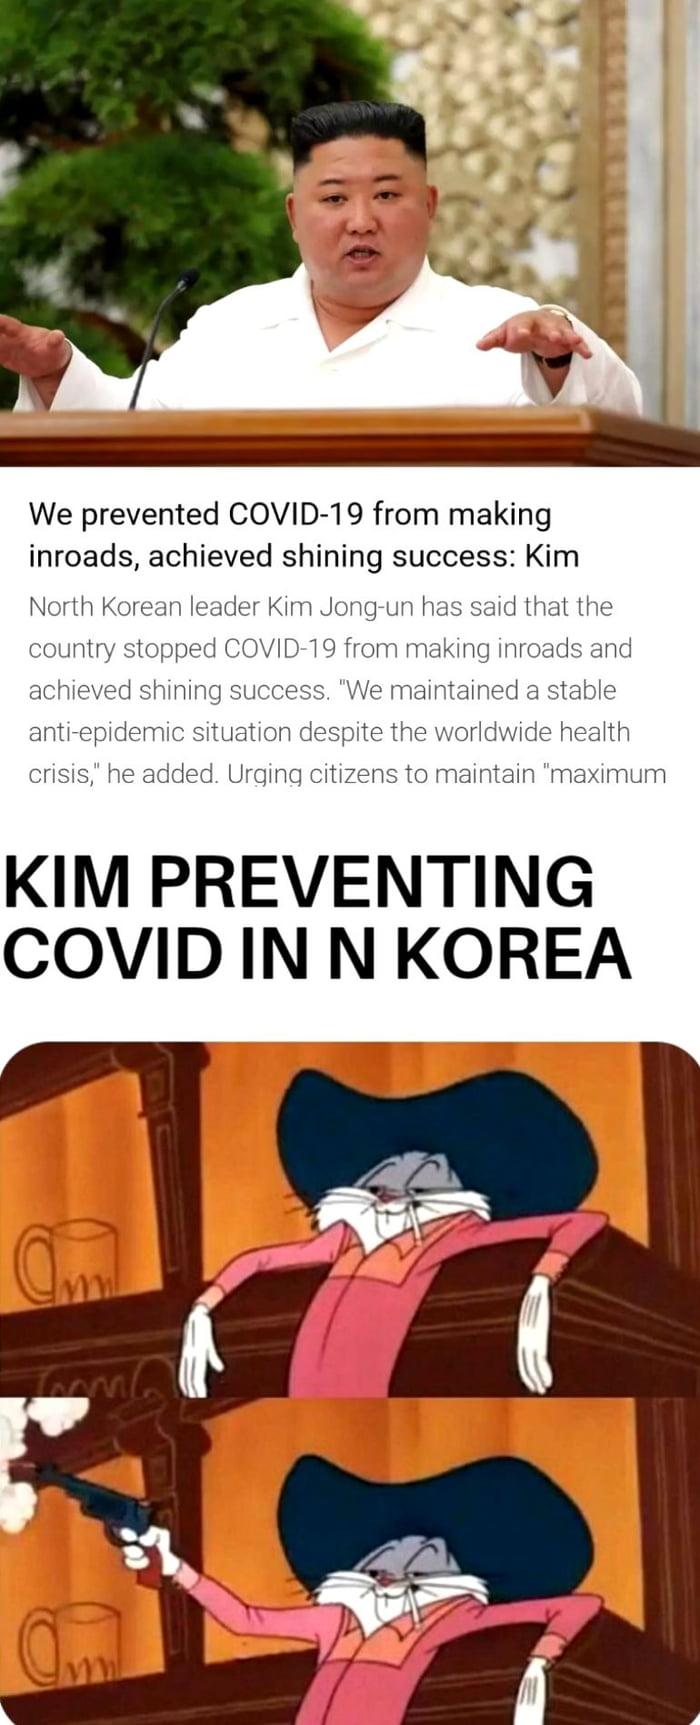 Kim Jong-Un prevented Covid-19 in North Korea